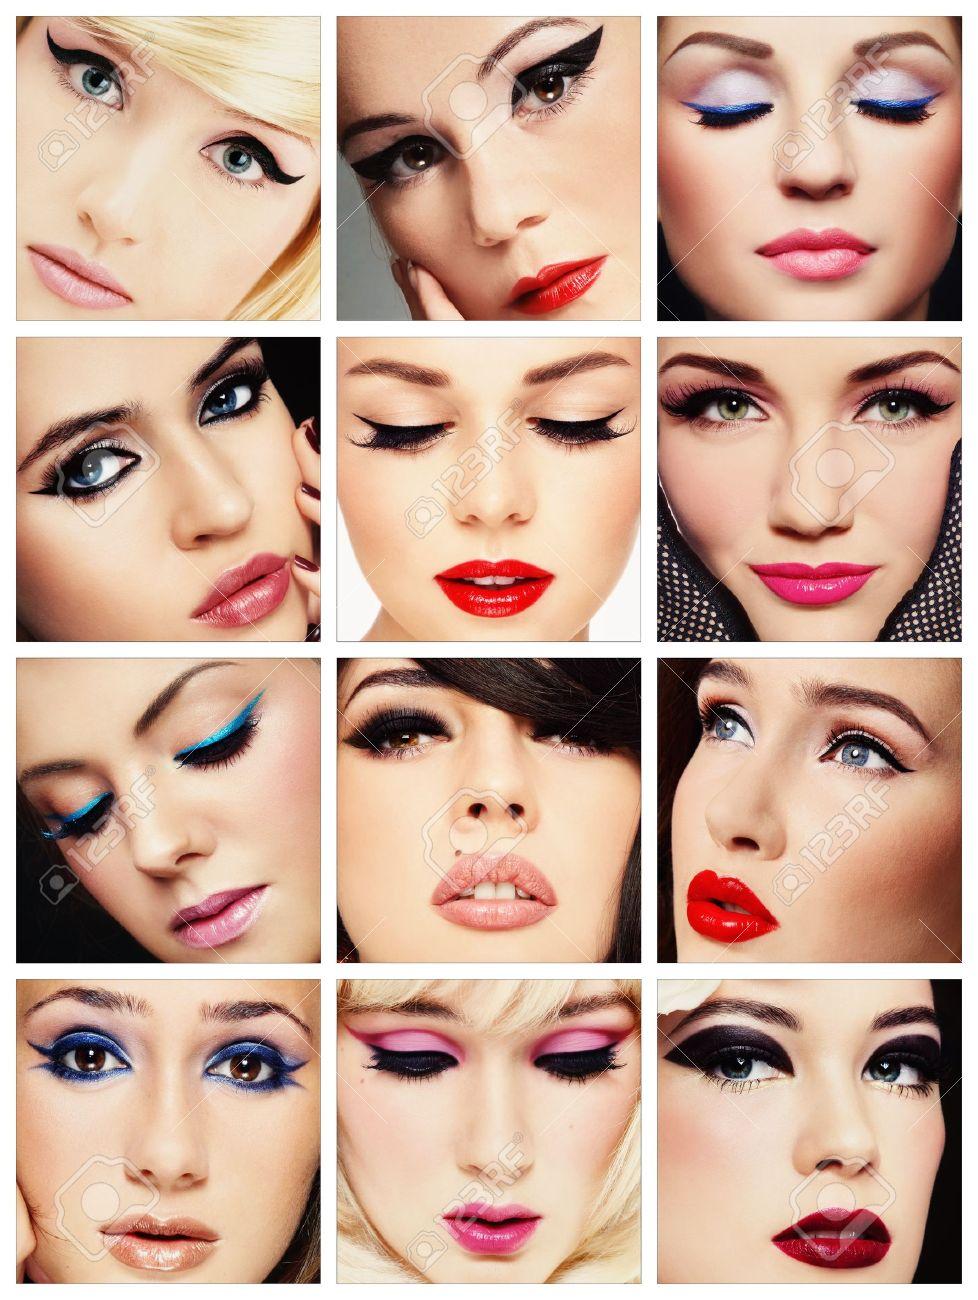 Belles jeunes femmes avec des yeux de chat élégant de maquillage. Maquillage,  mode, beauté.